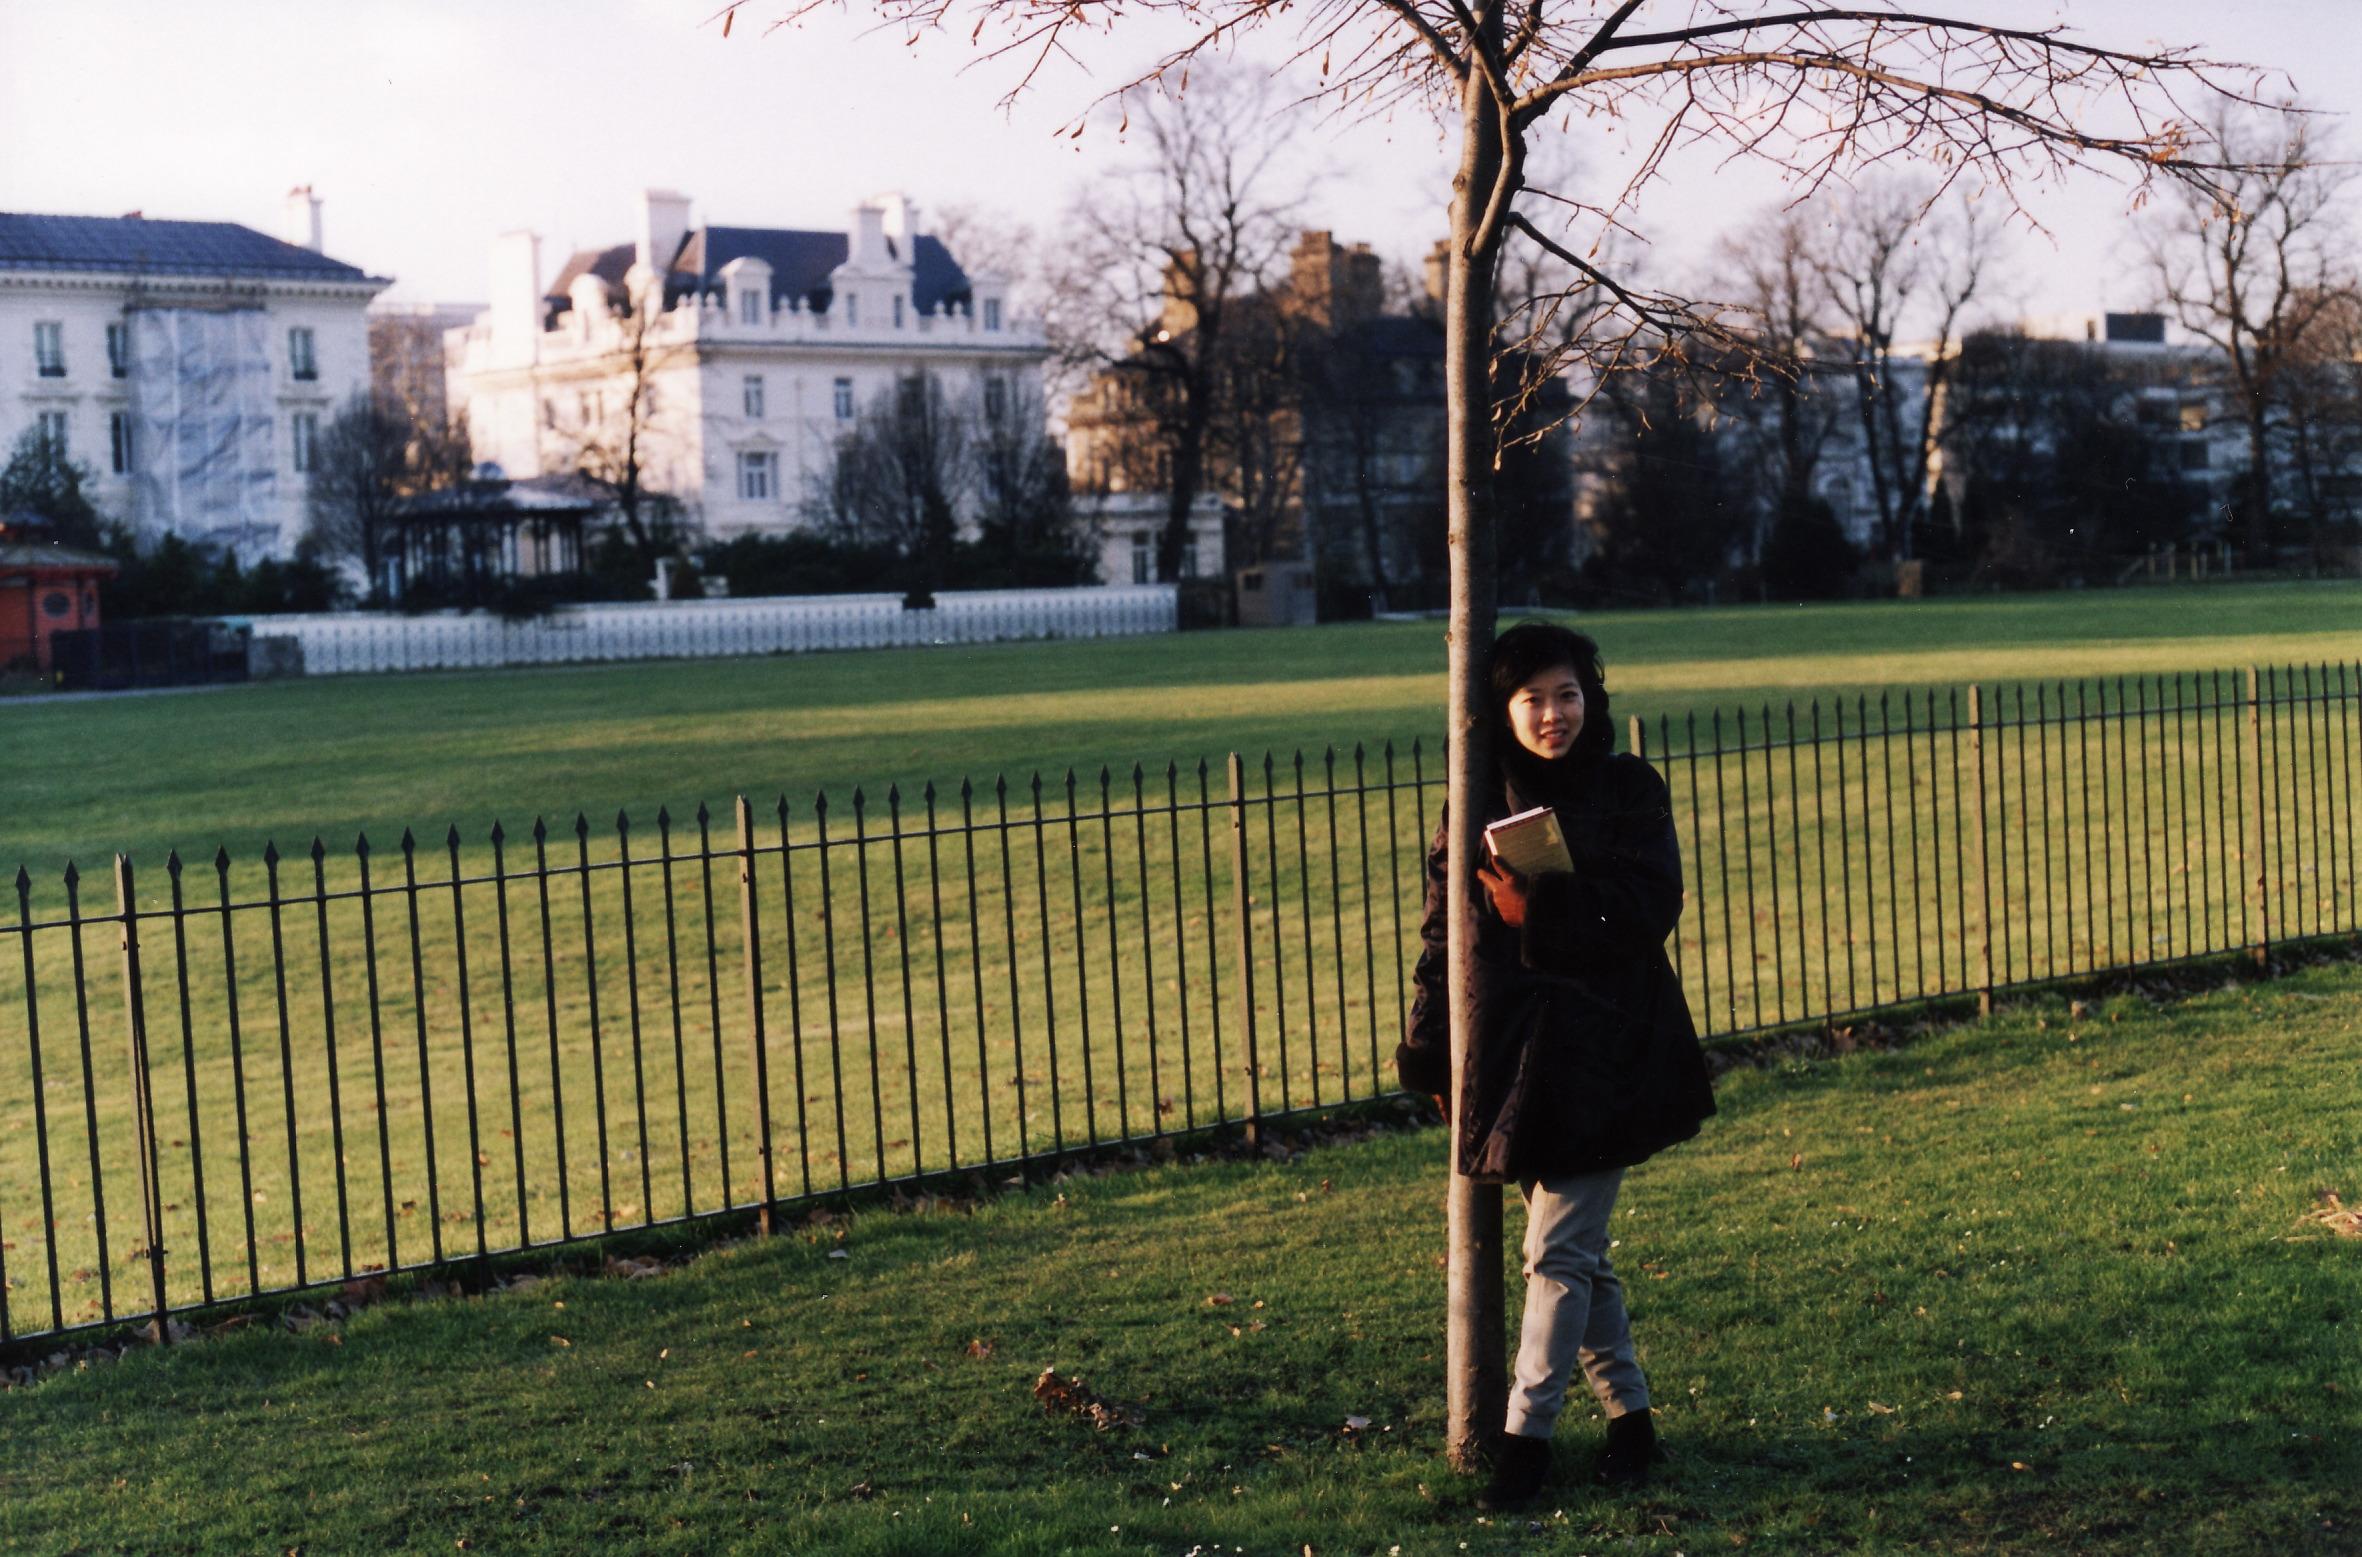 13 - 1996 - London